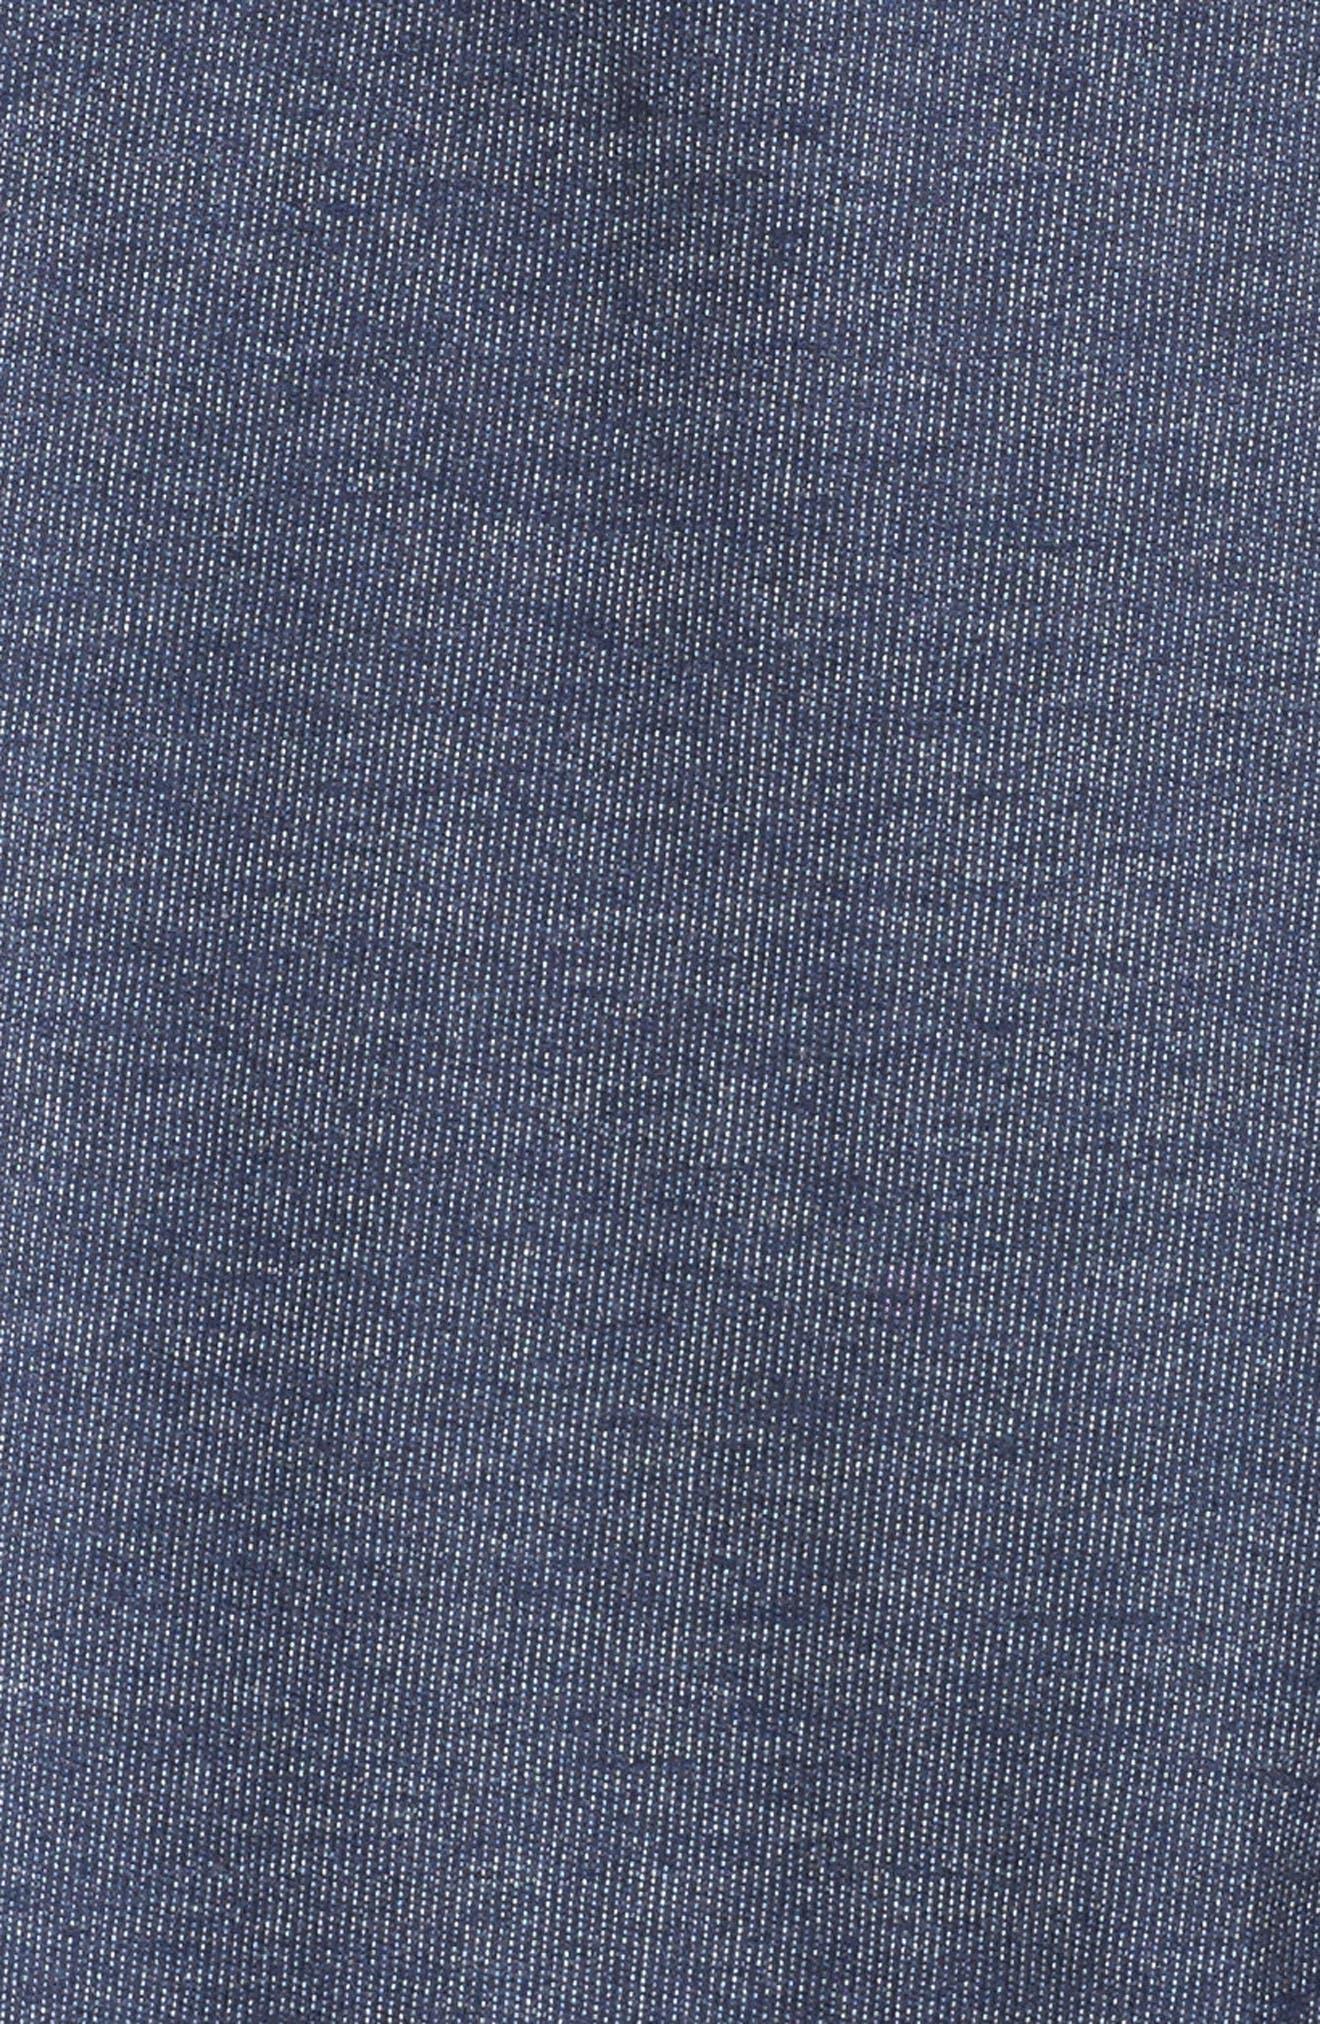 Brit Lounge Pants,                             Alternate thumbnail 5, color,                             400